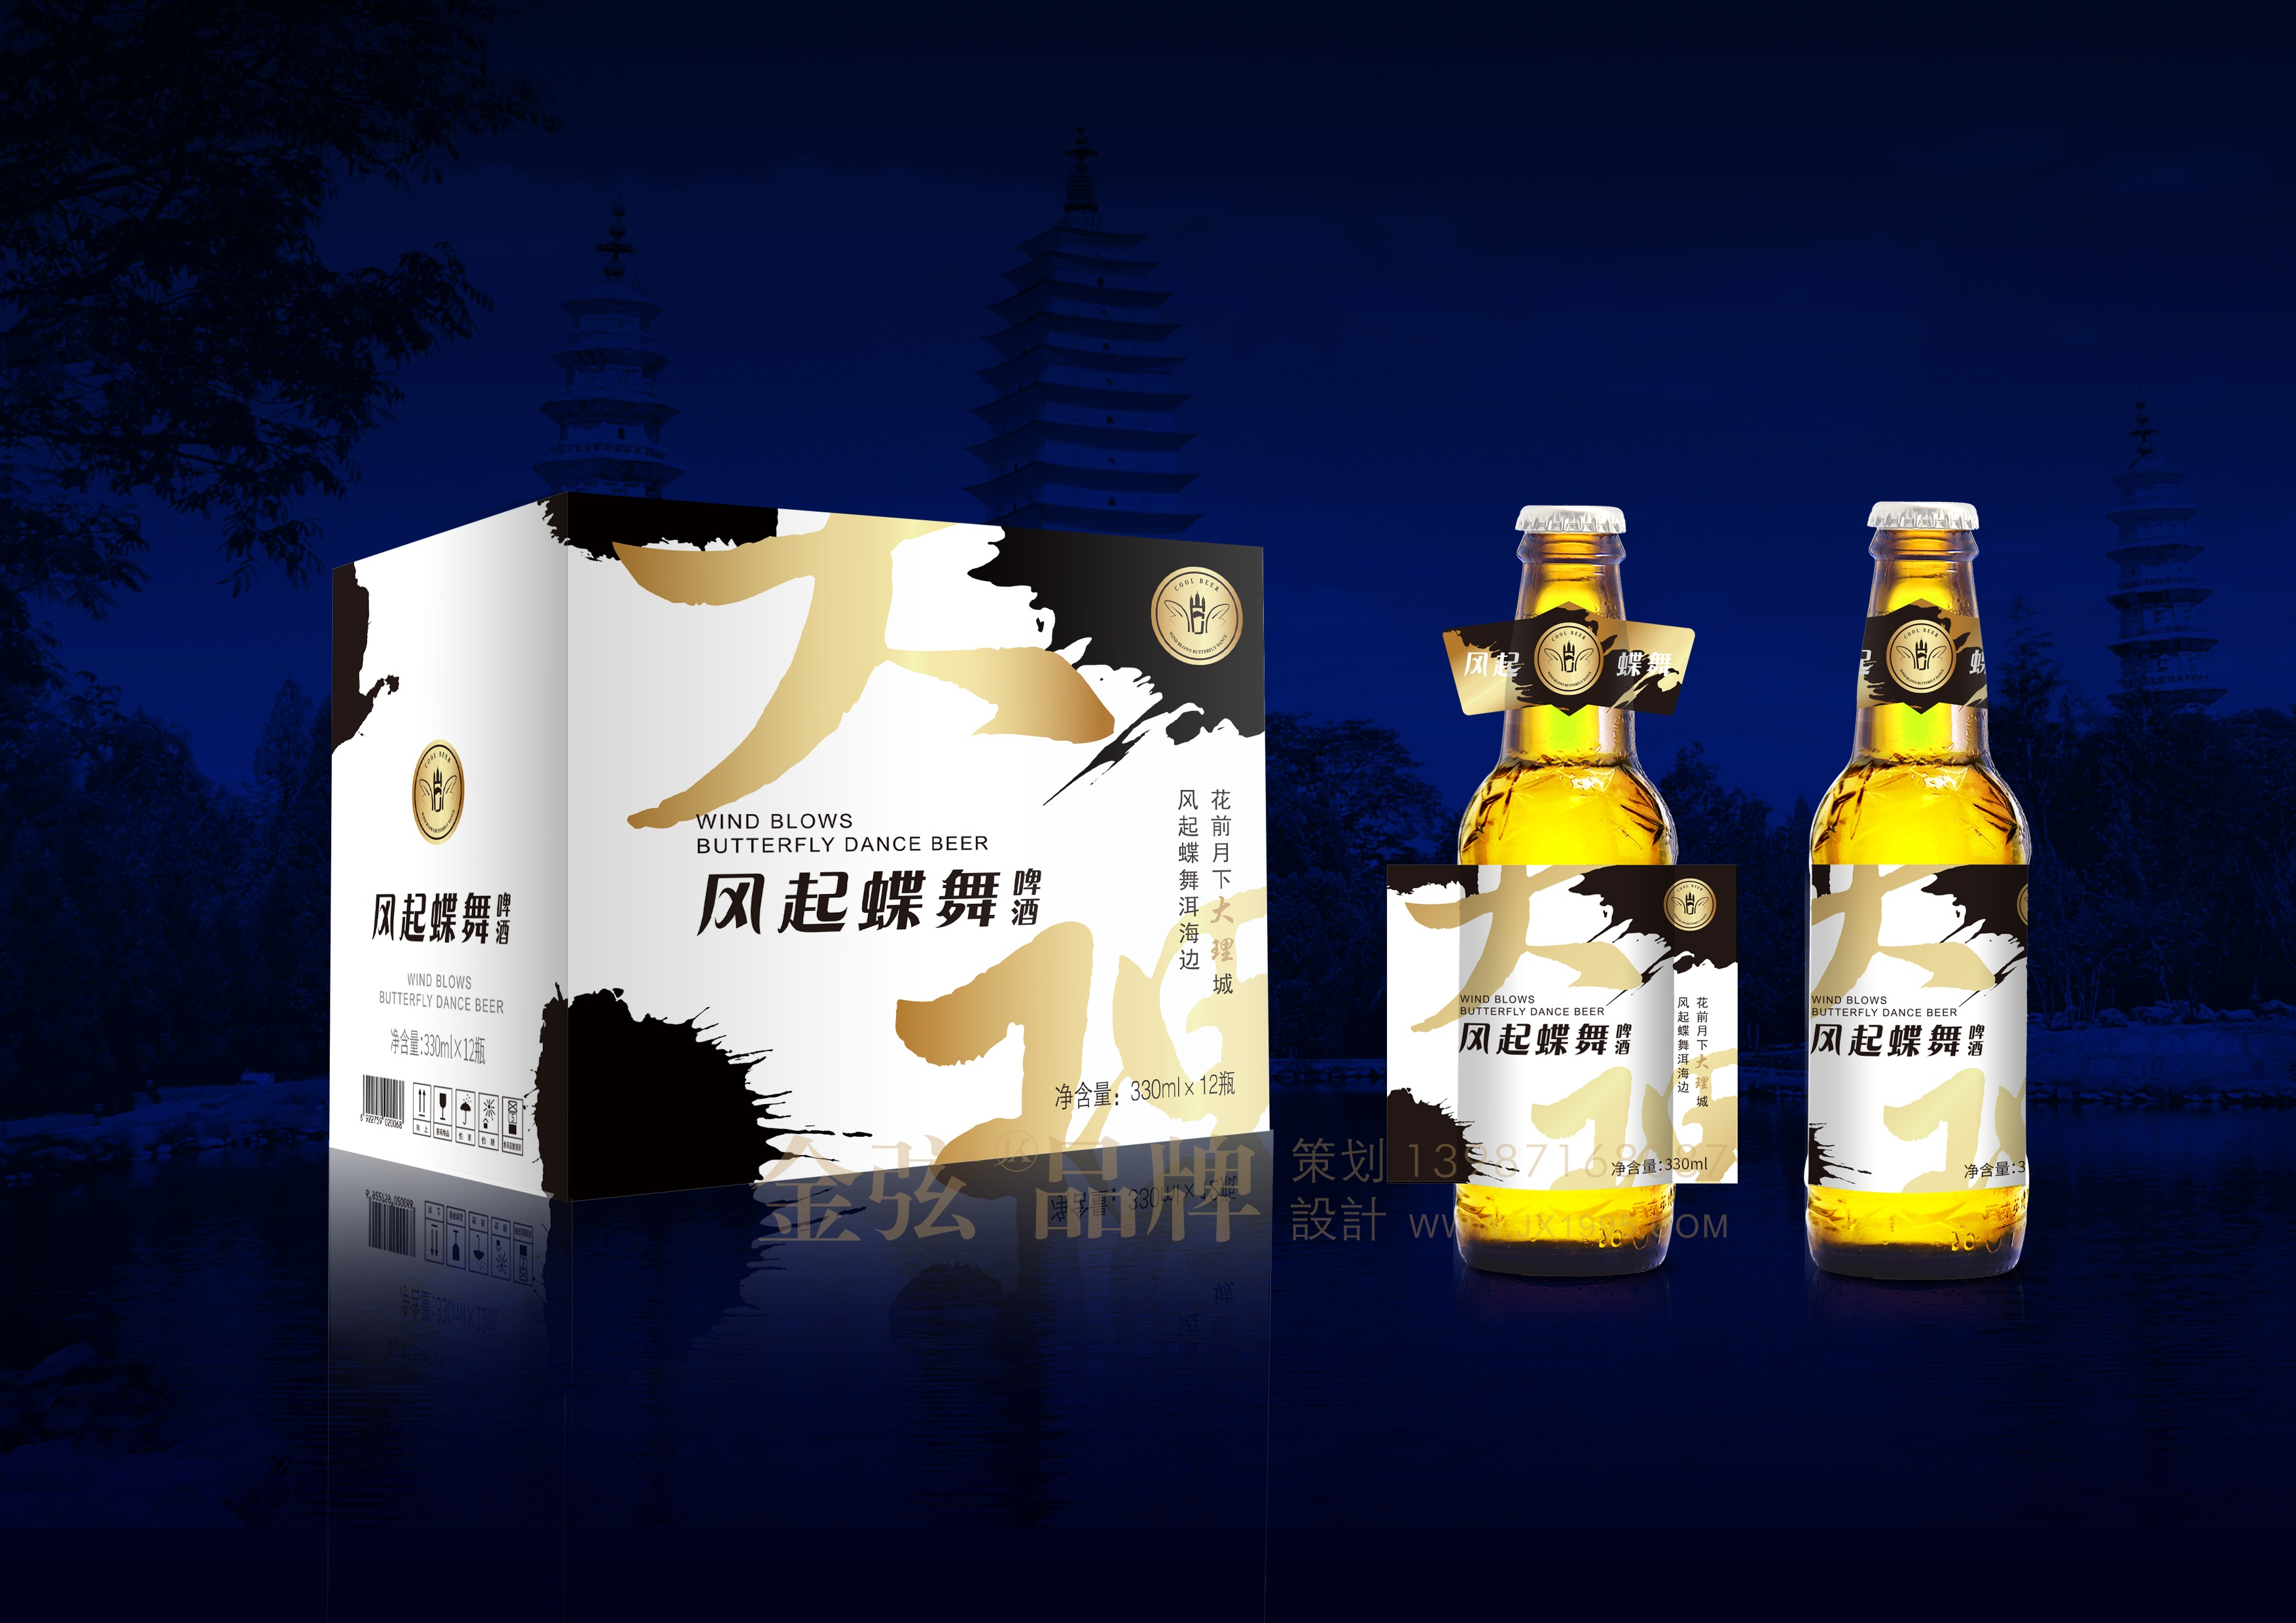 风起蝶舞啤酒包装设计 包装设计 客户资料  第6张